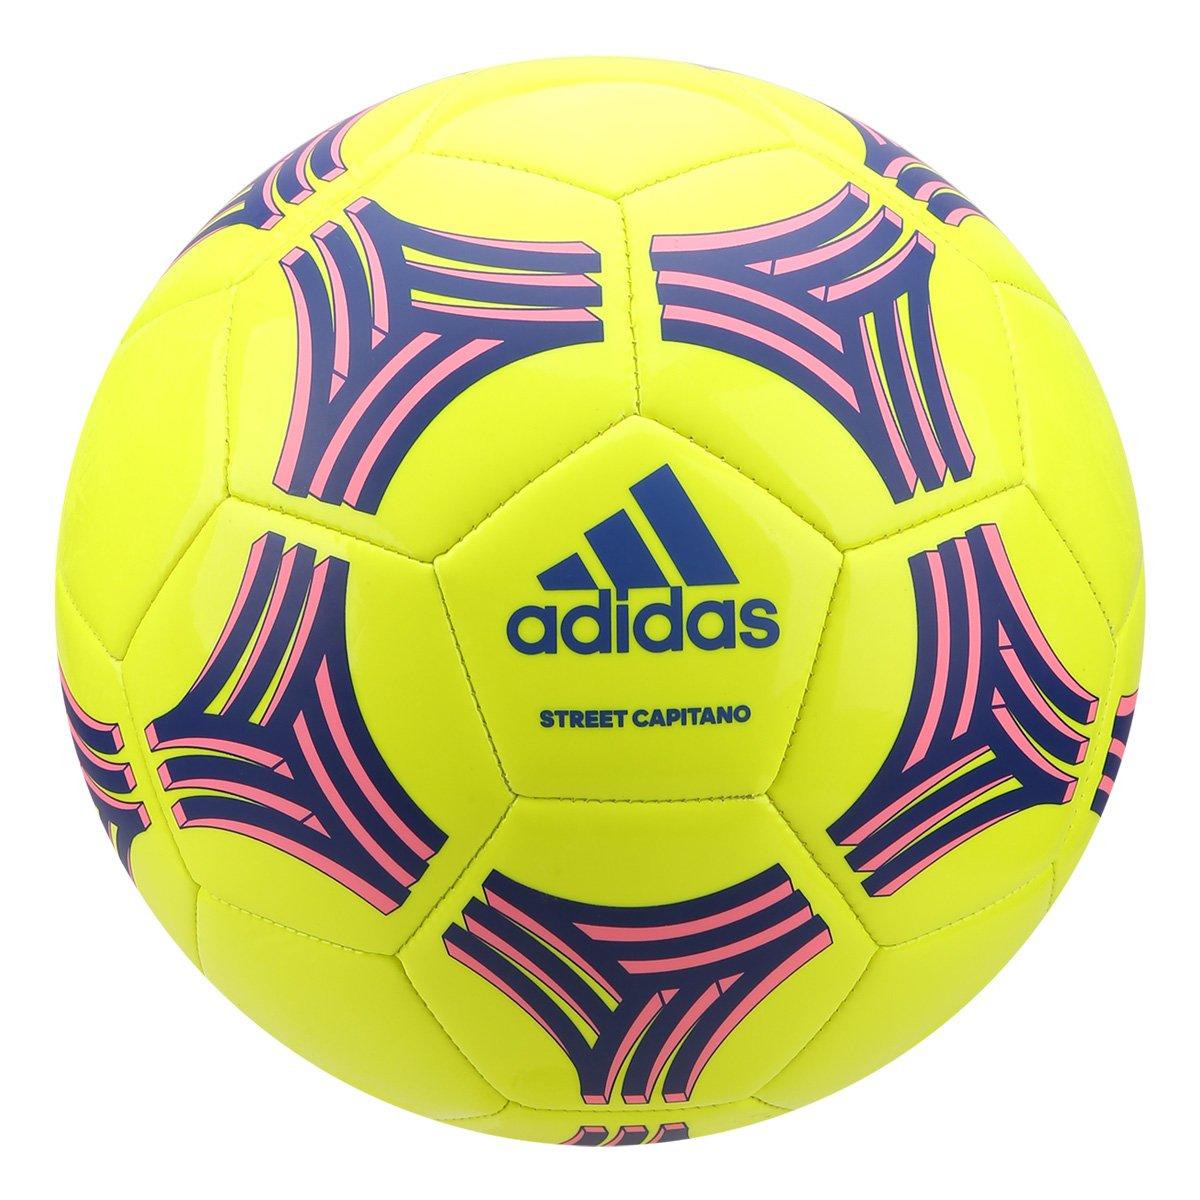 Bola de Futebol Campo Adidas Street Capitano Tango Glider - Amarelo e Azul